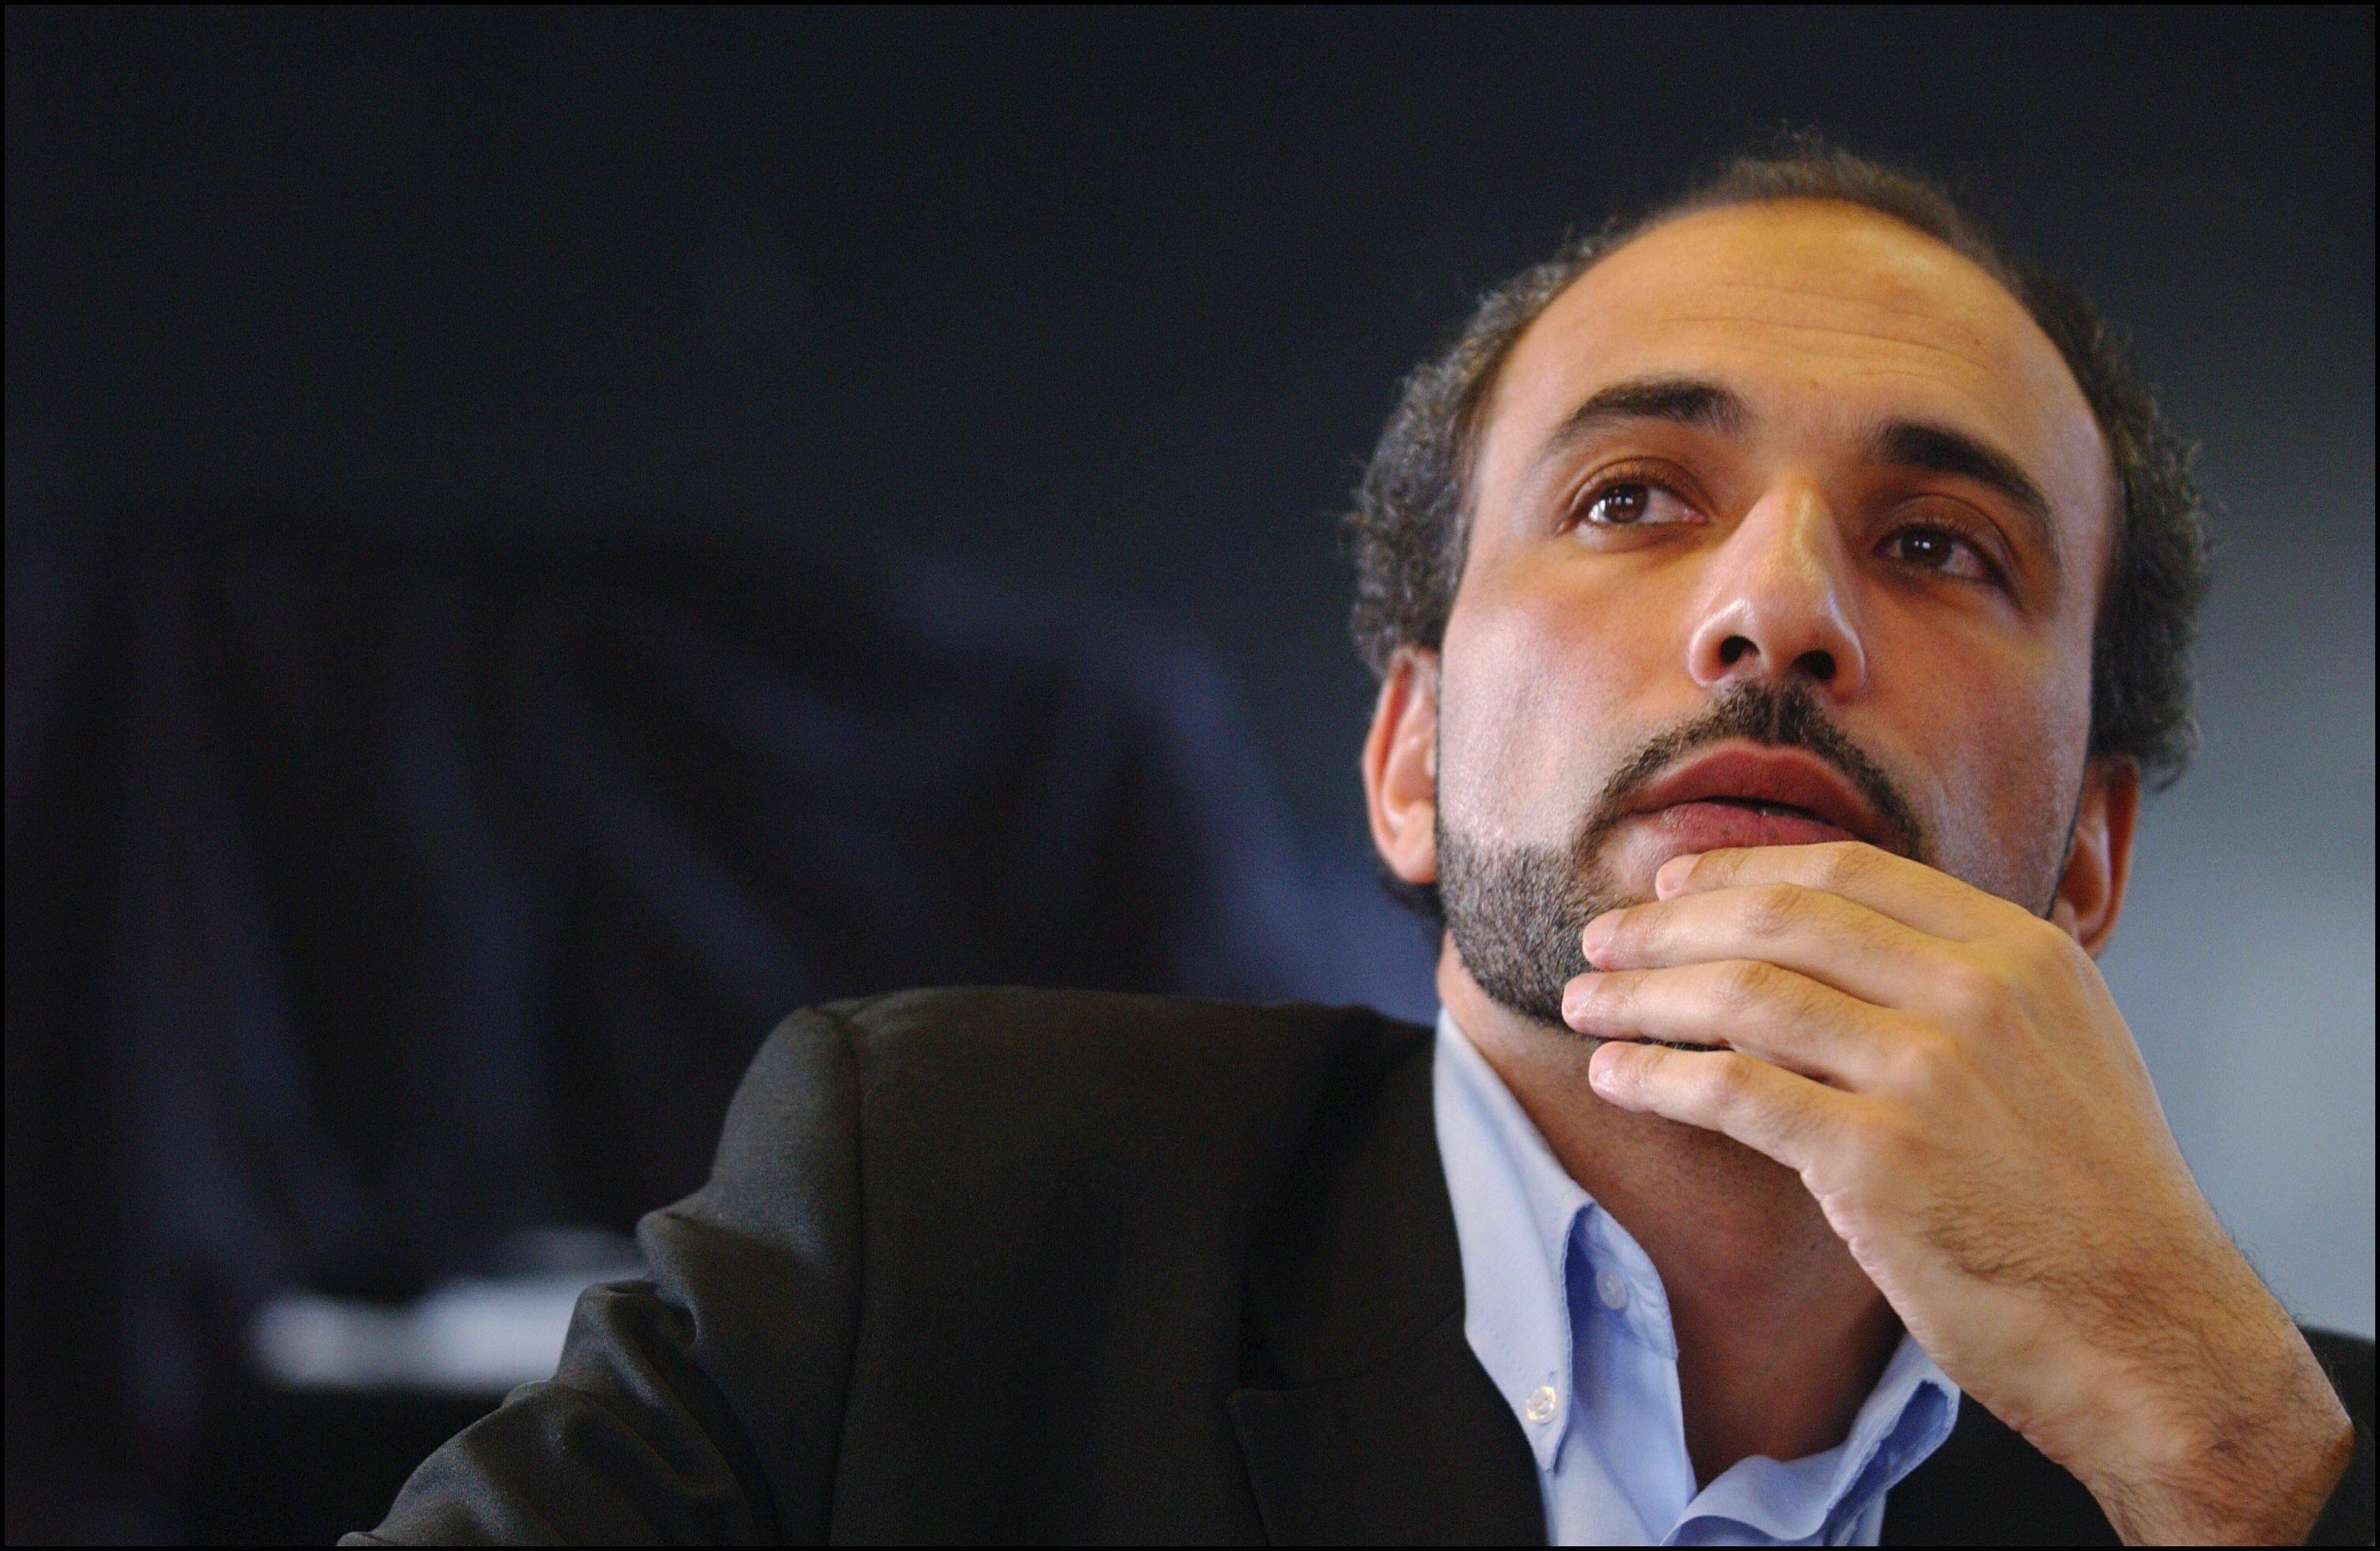 Affaire Tariq Ramadan: Une robe noire pourrait changer la ligne de défense de l'islamologue